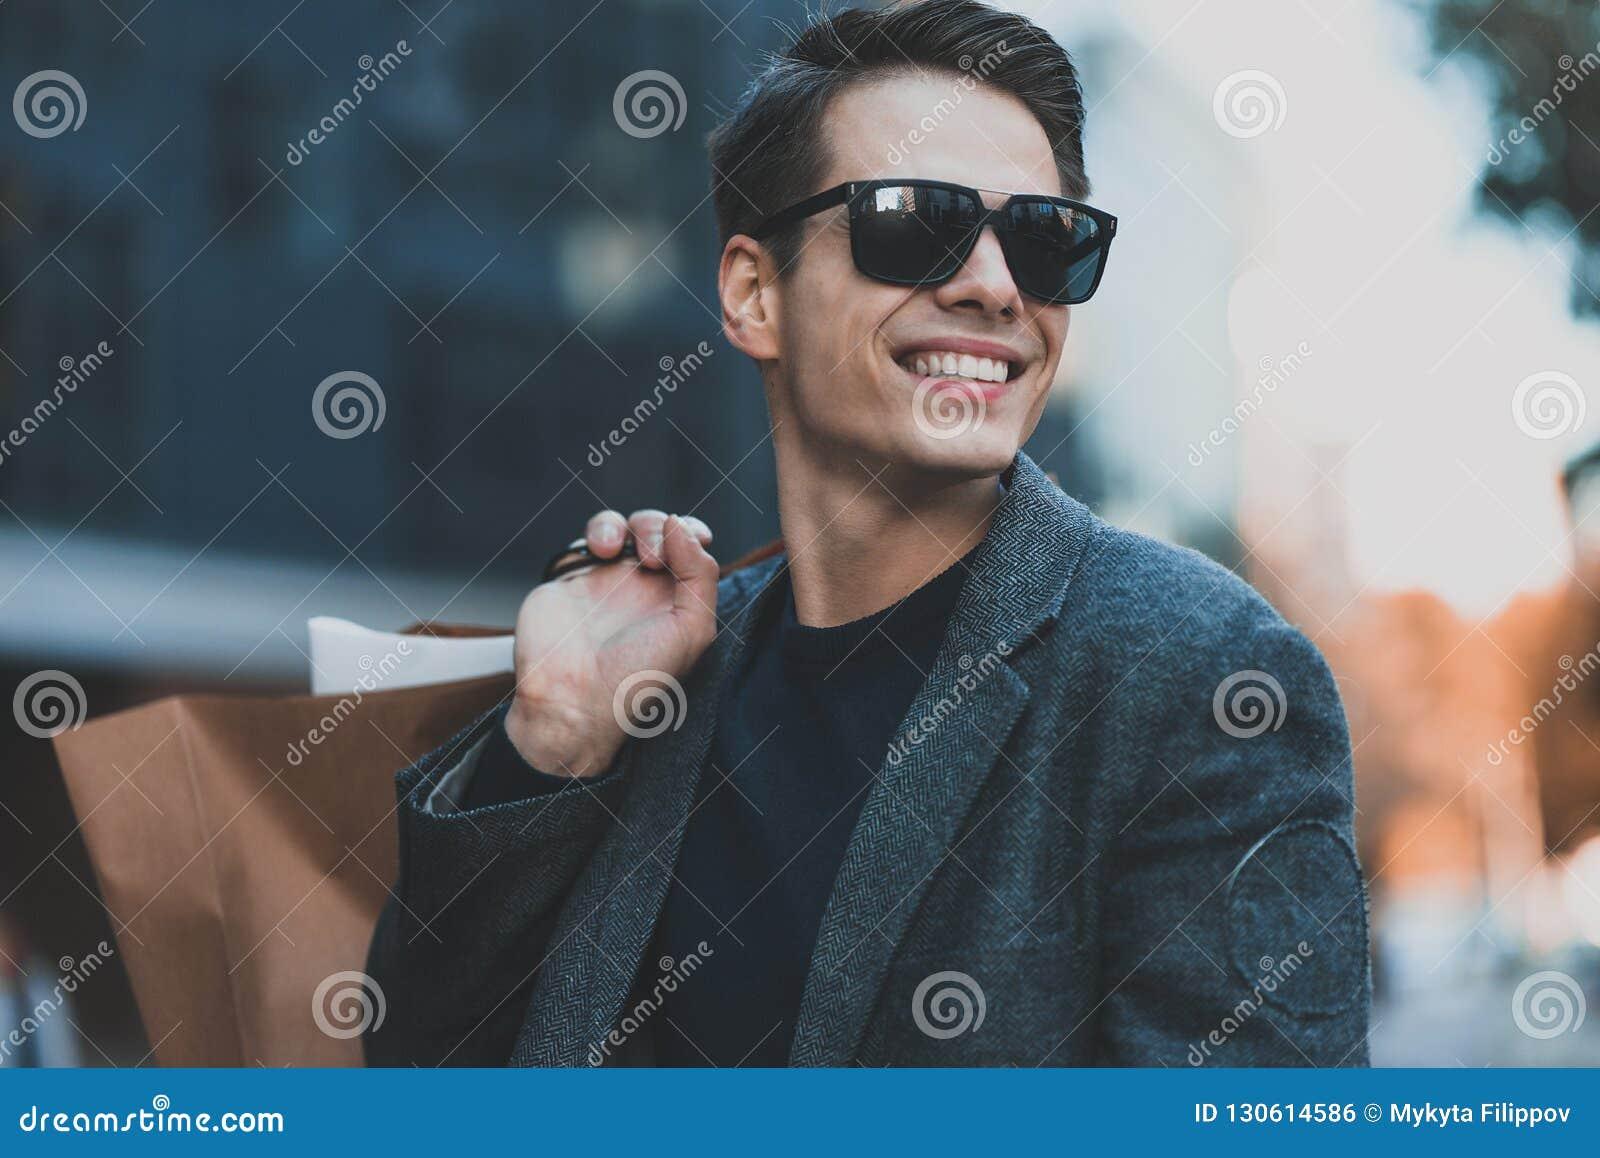 Indivíduo fresco positivo com óculos de sol e sacos de papel que anda perto  da mostra com reflexão 93f7a2d982